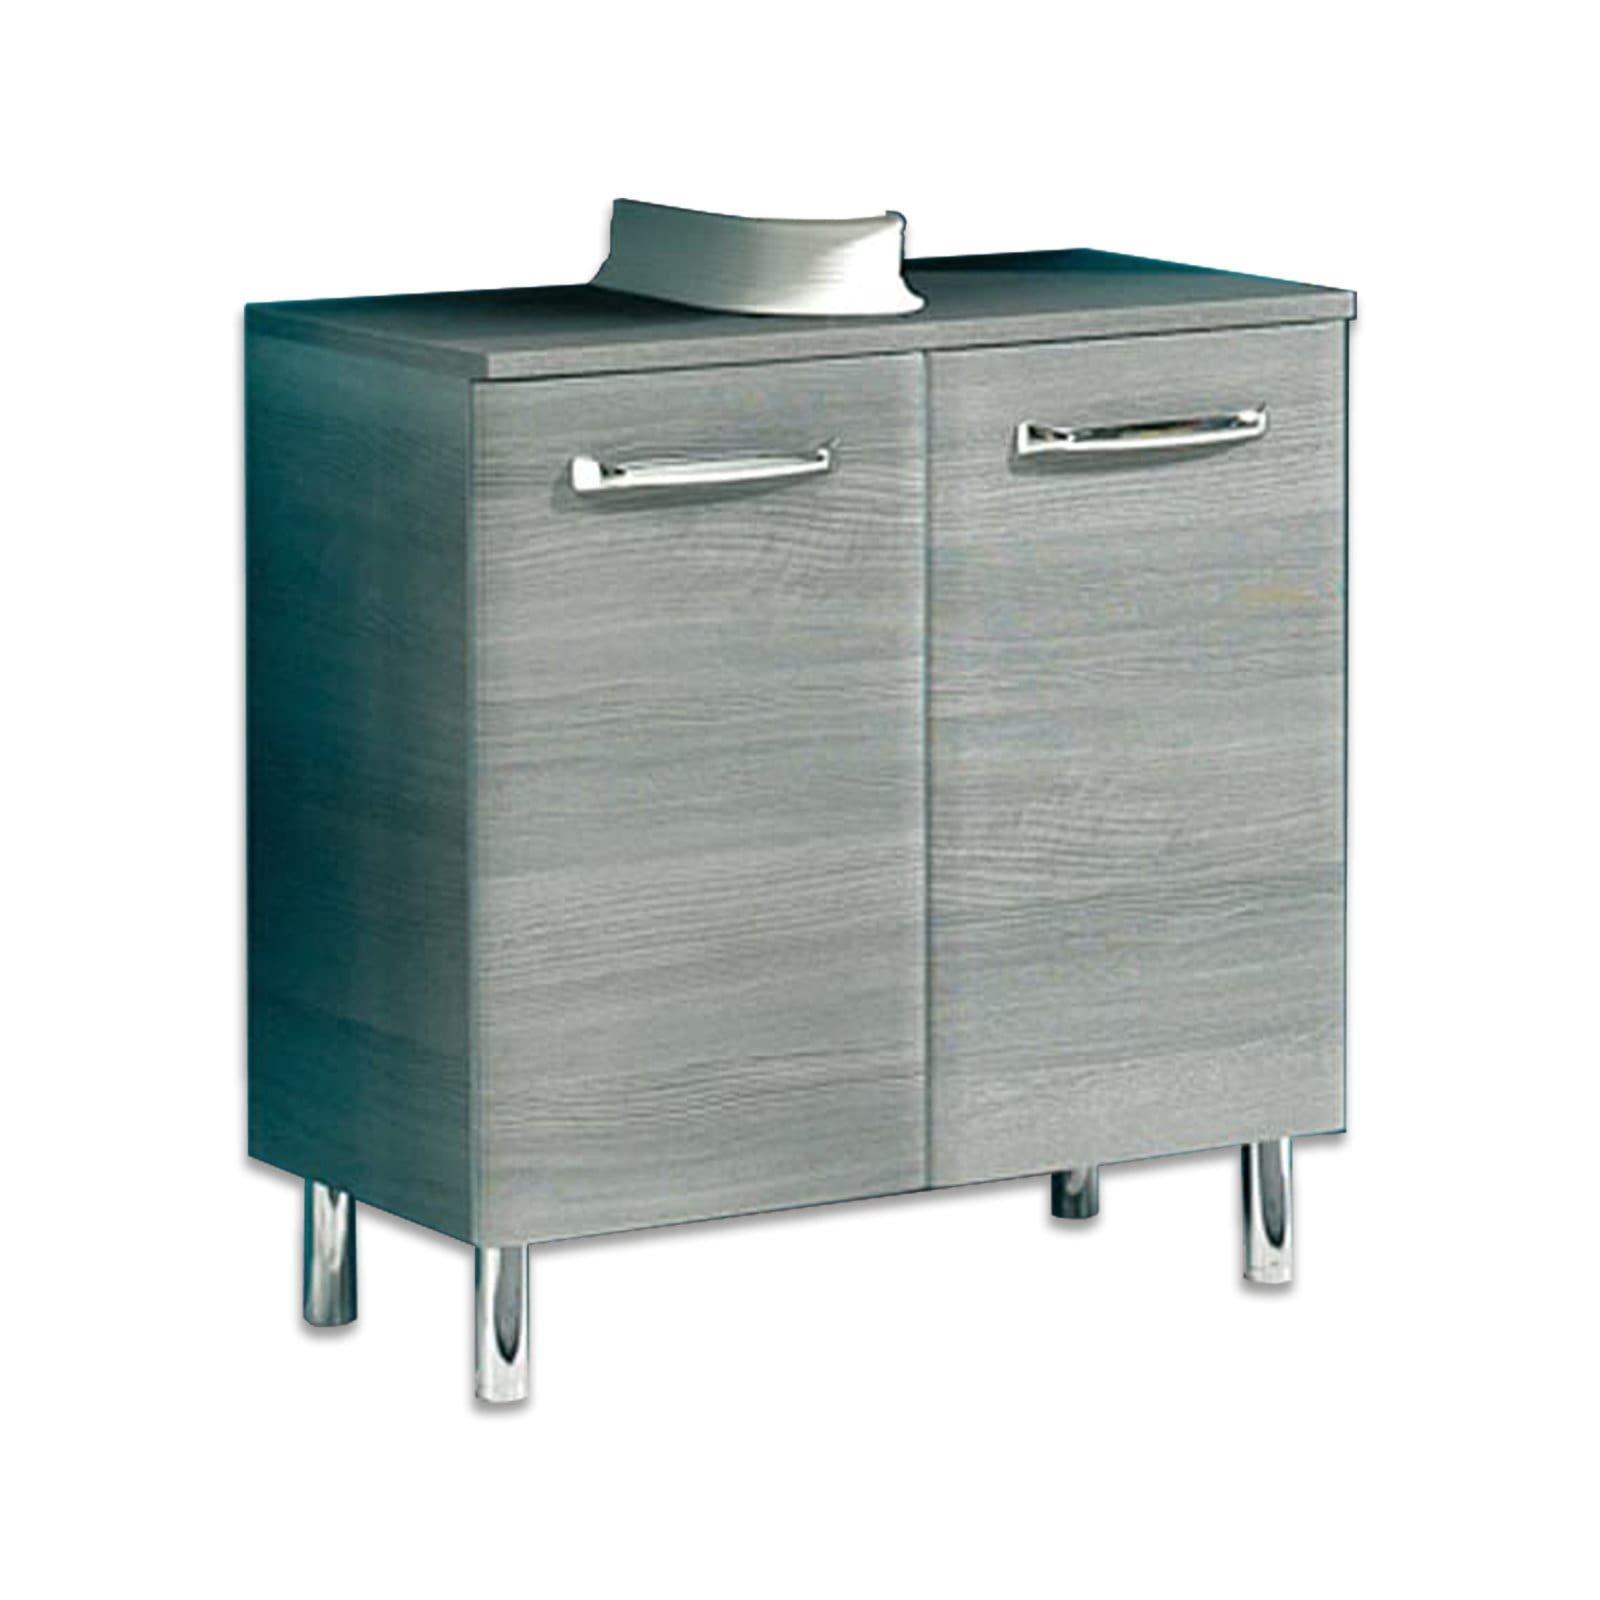 Waschbeckenunterschrank alika waschbeckenunterschr nke badm bel badezimmer wohnbereiche - Roller badezimmer ...